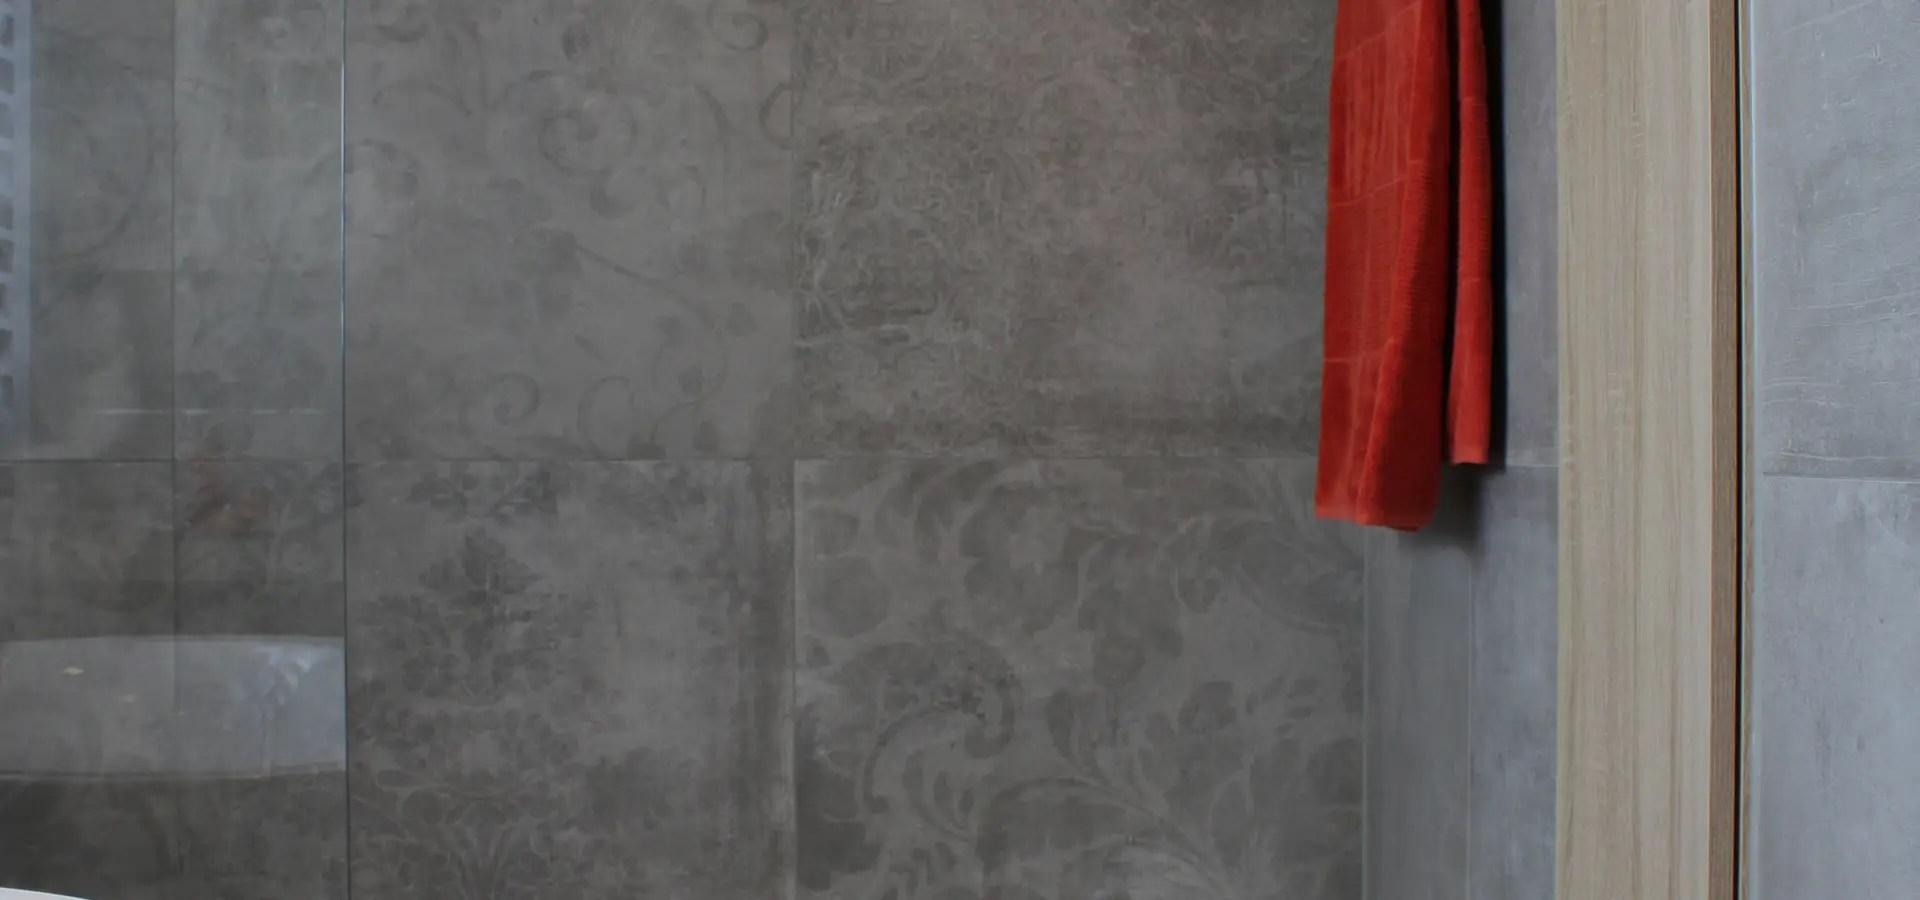 Badezimmer Möbel Ludwig | Ludwig Eckbank Buche Lackiert 137 Cm 157 Cm